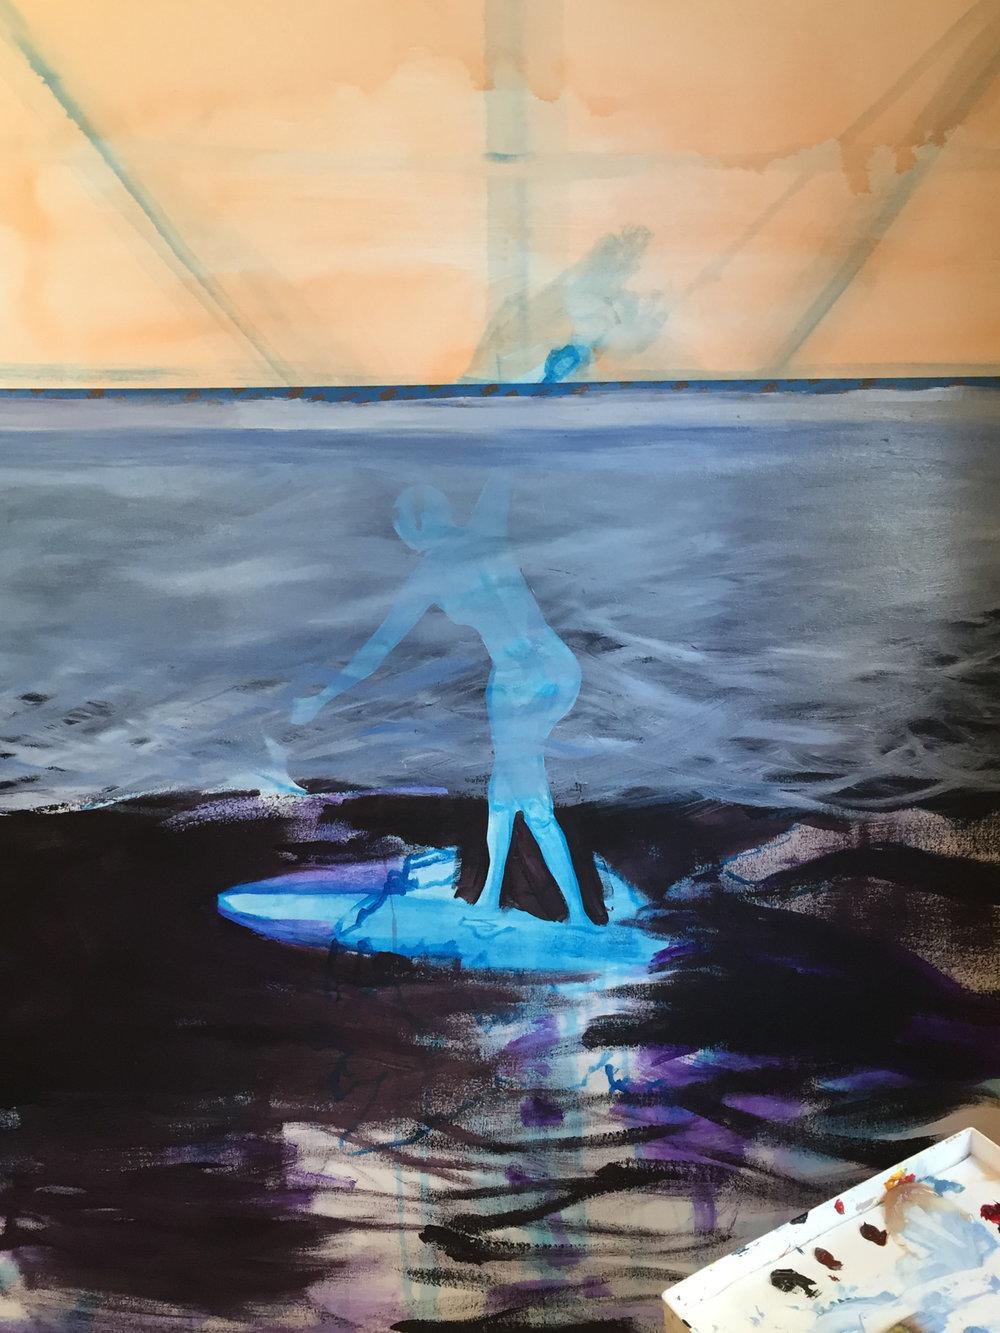 kelsey_napier_making_of_erin_surfs_12.jpg